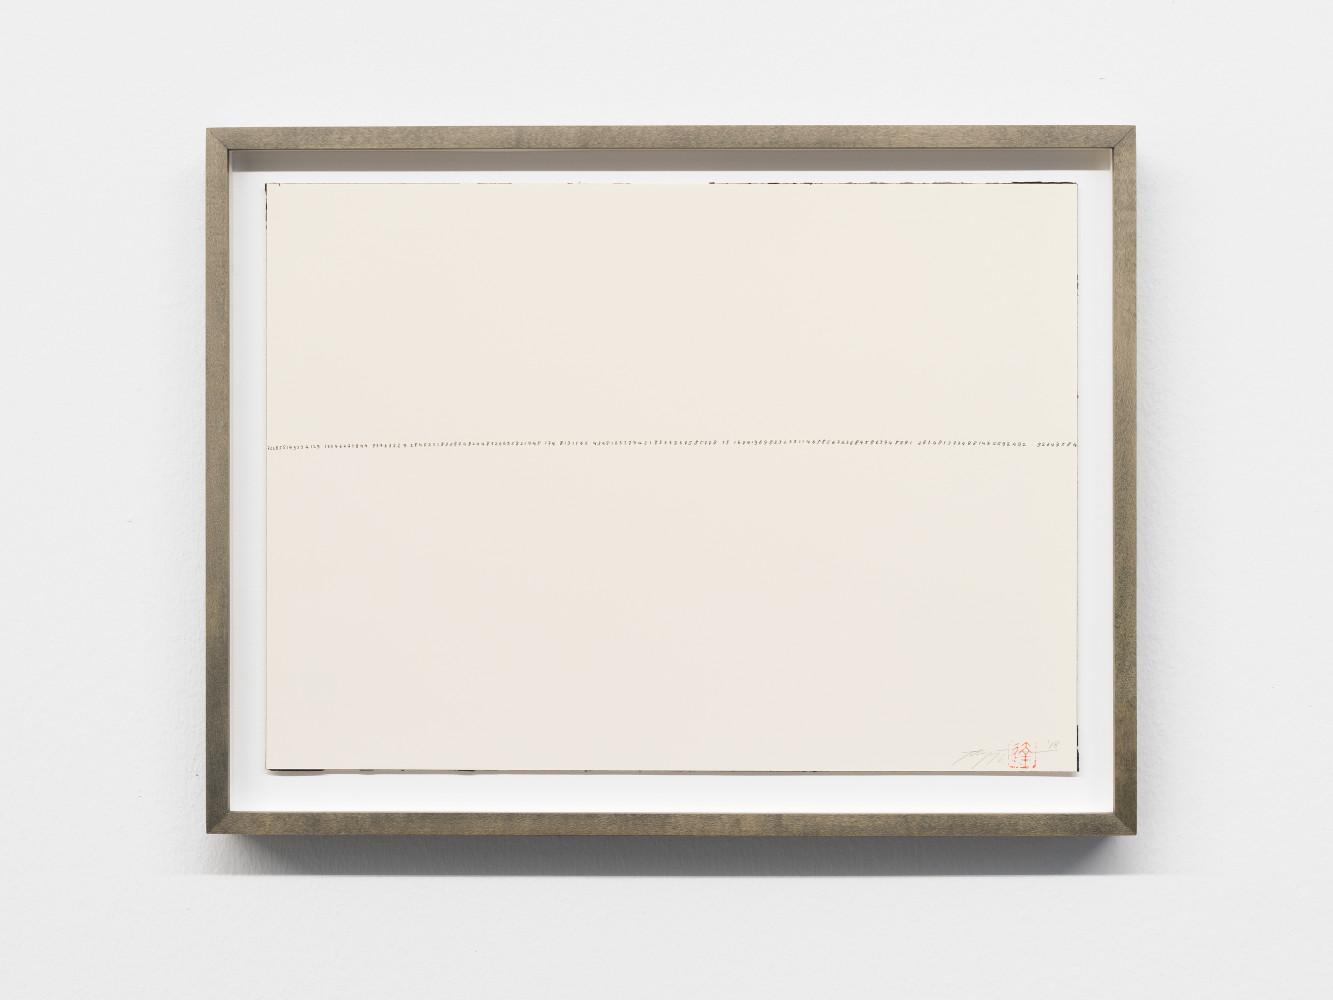 Tatsuo Miyajima, 'Hand-drawn Innumerable Counts 20180218'